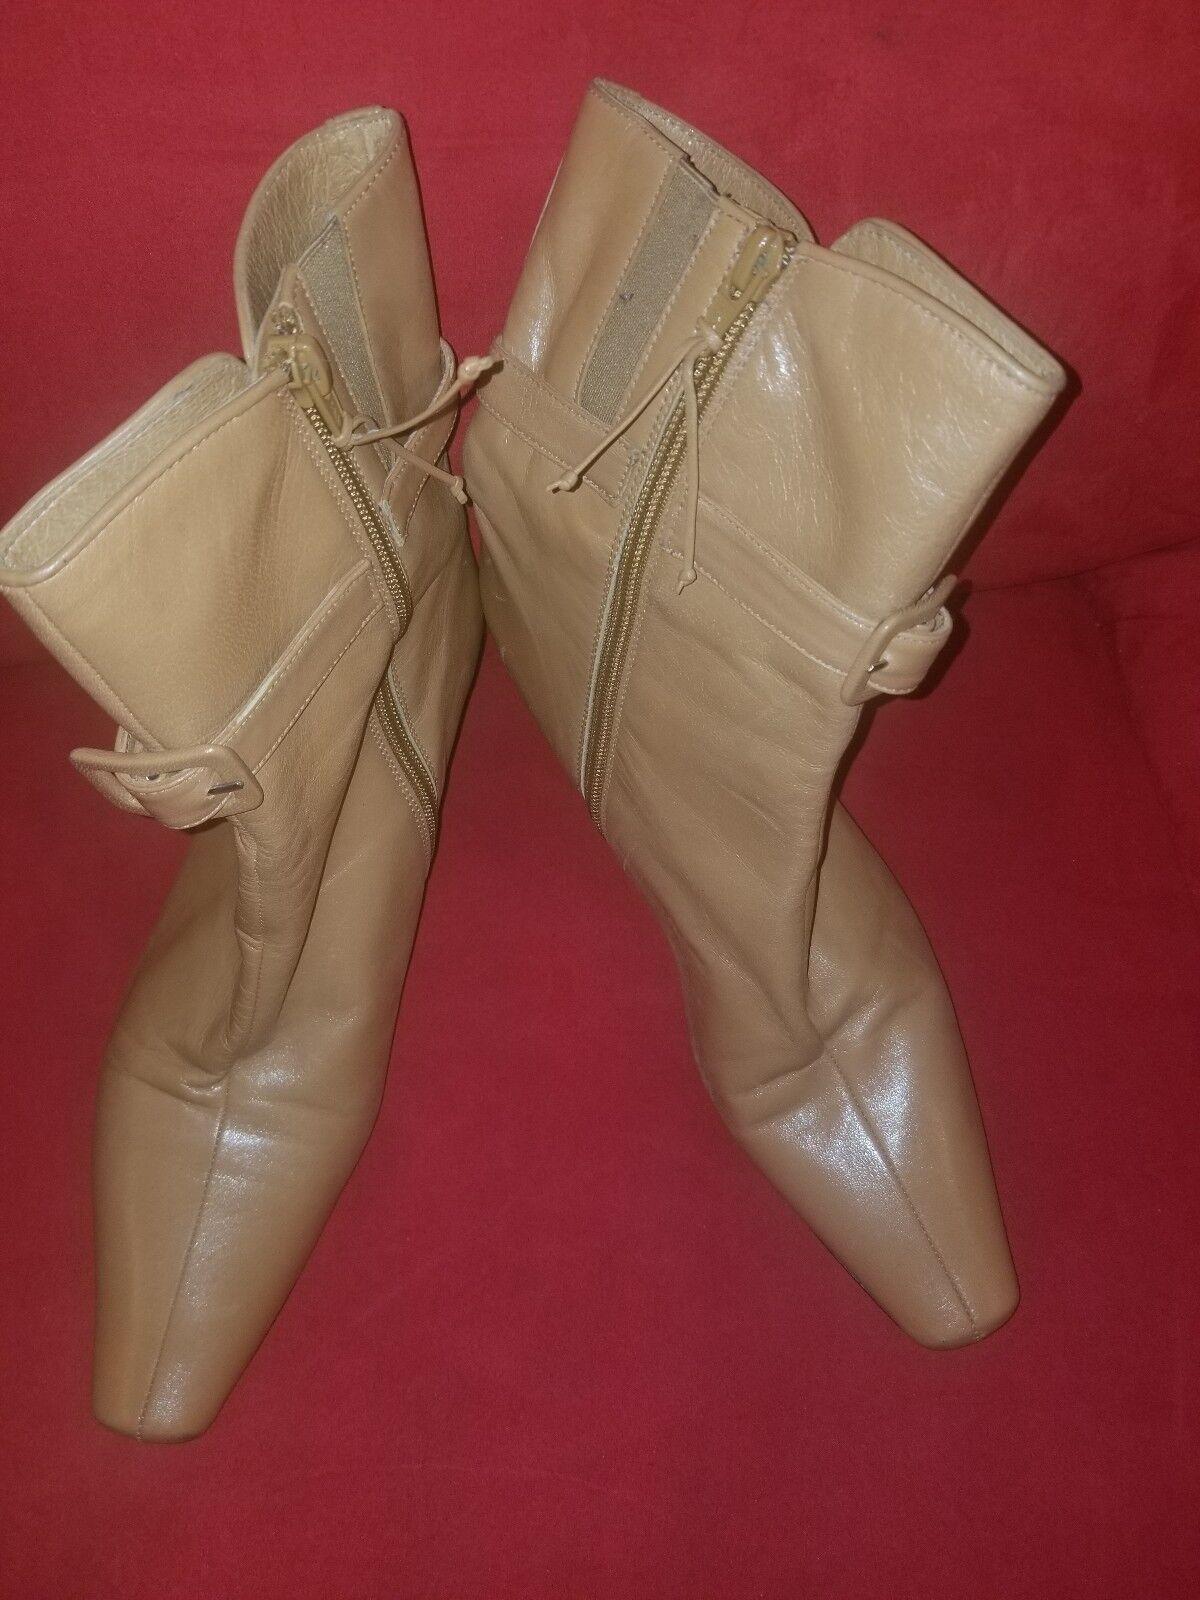 Donald Donald Donald J Pliner Leather Split Toe Zip Ankle Boots Sz 8.5M a25b0f